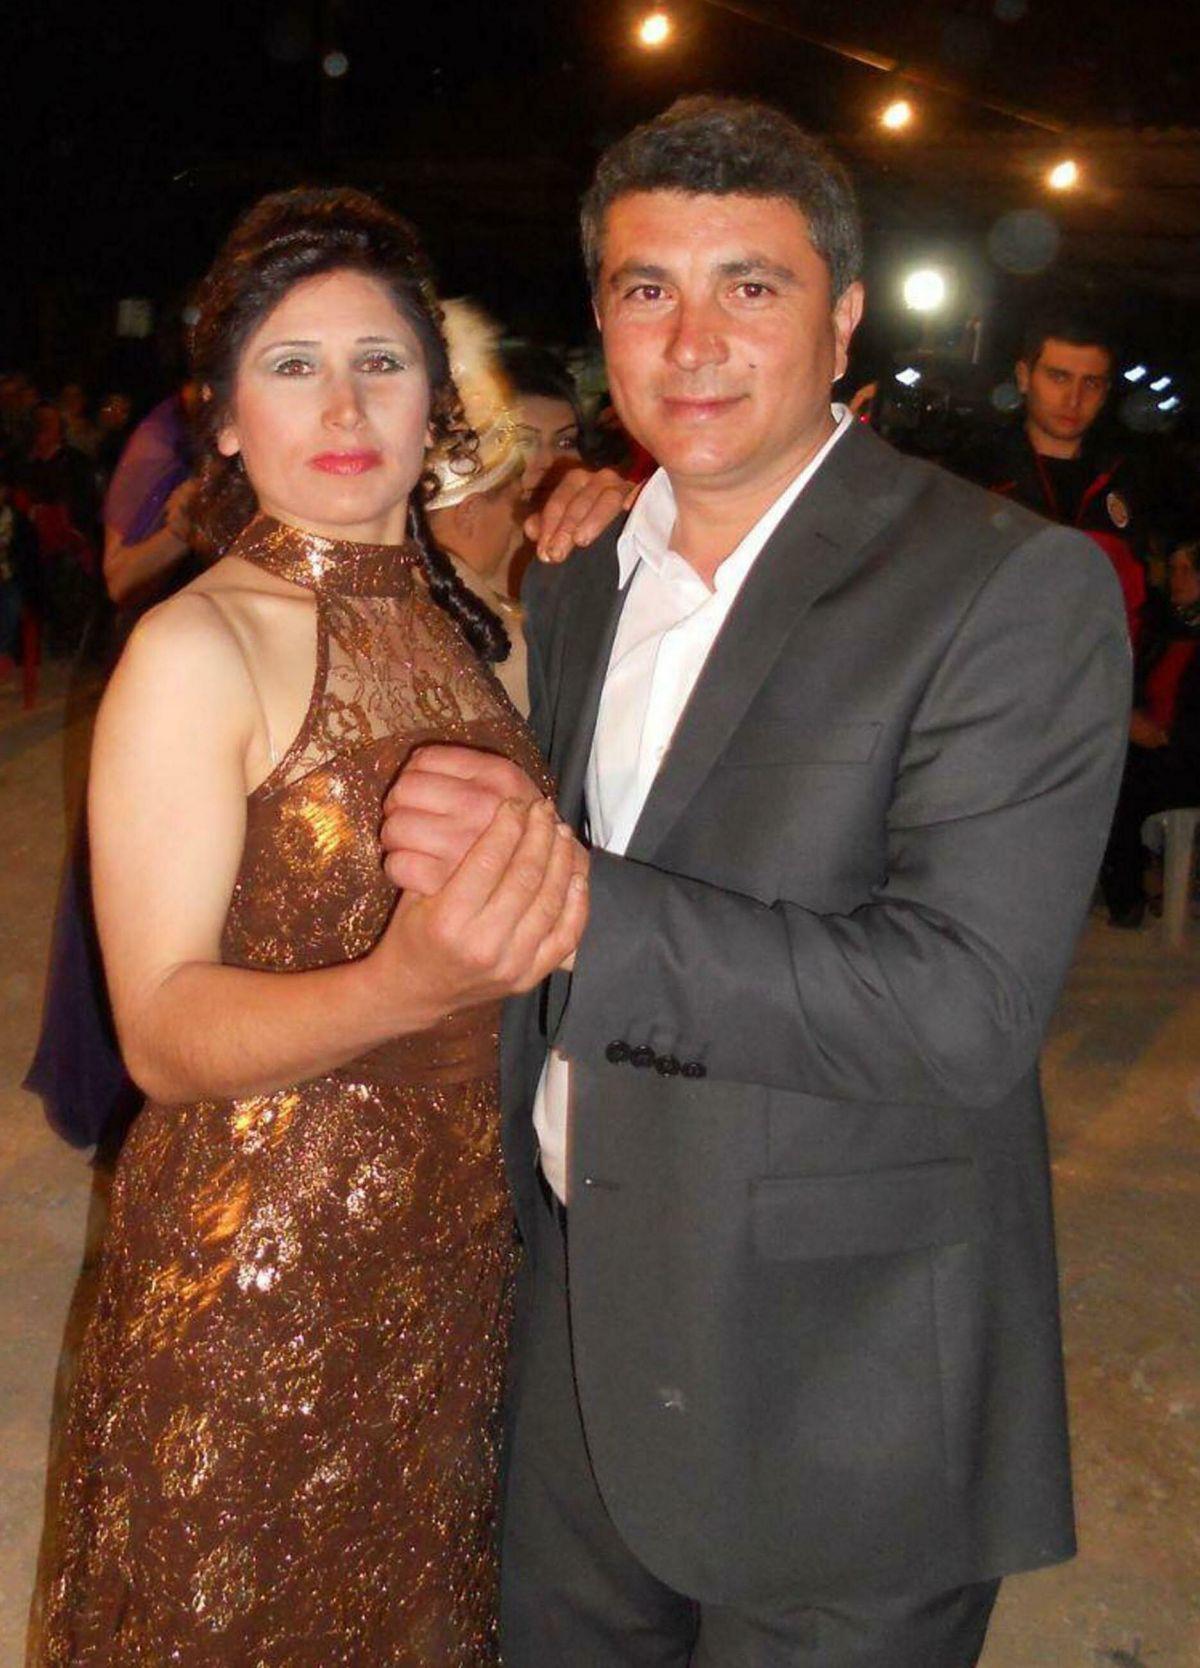 İzmir de eşini darpla öldüren sanığa 8 yıl hapis istendi #1